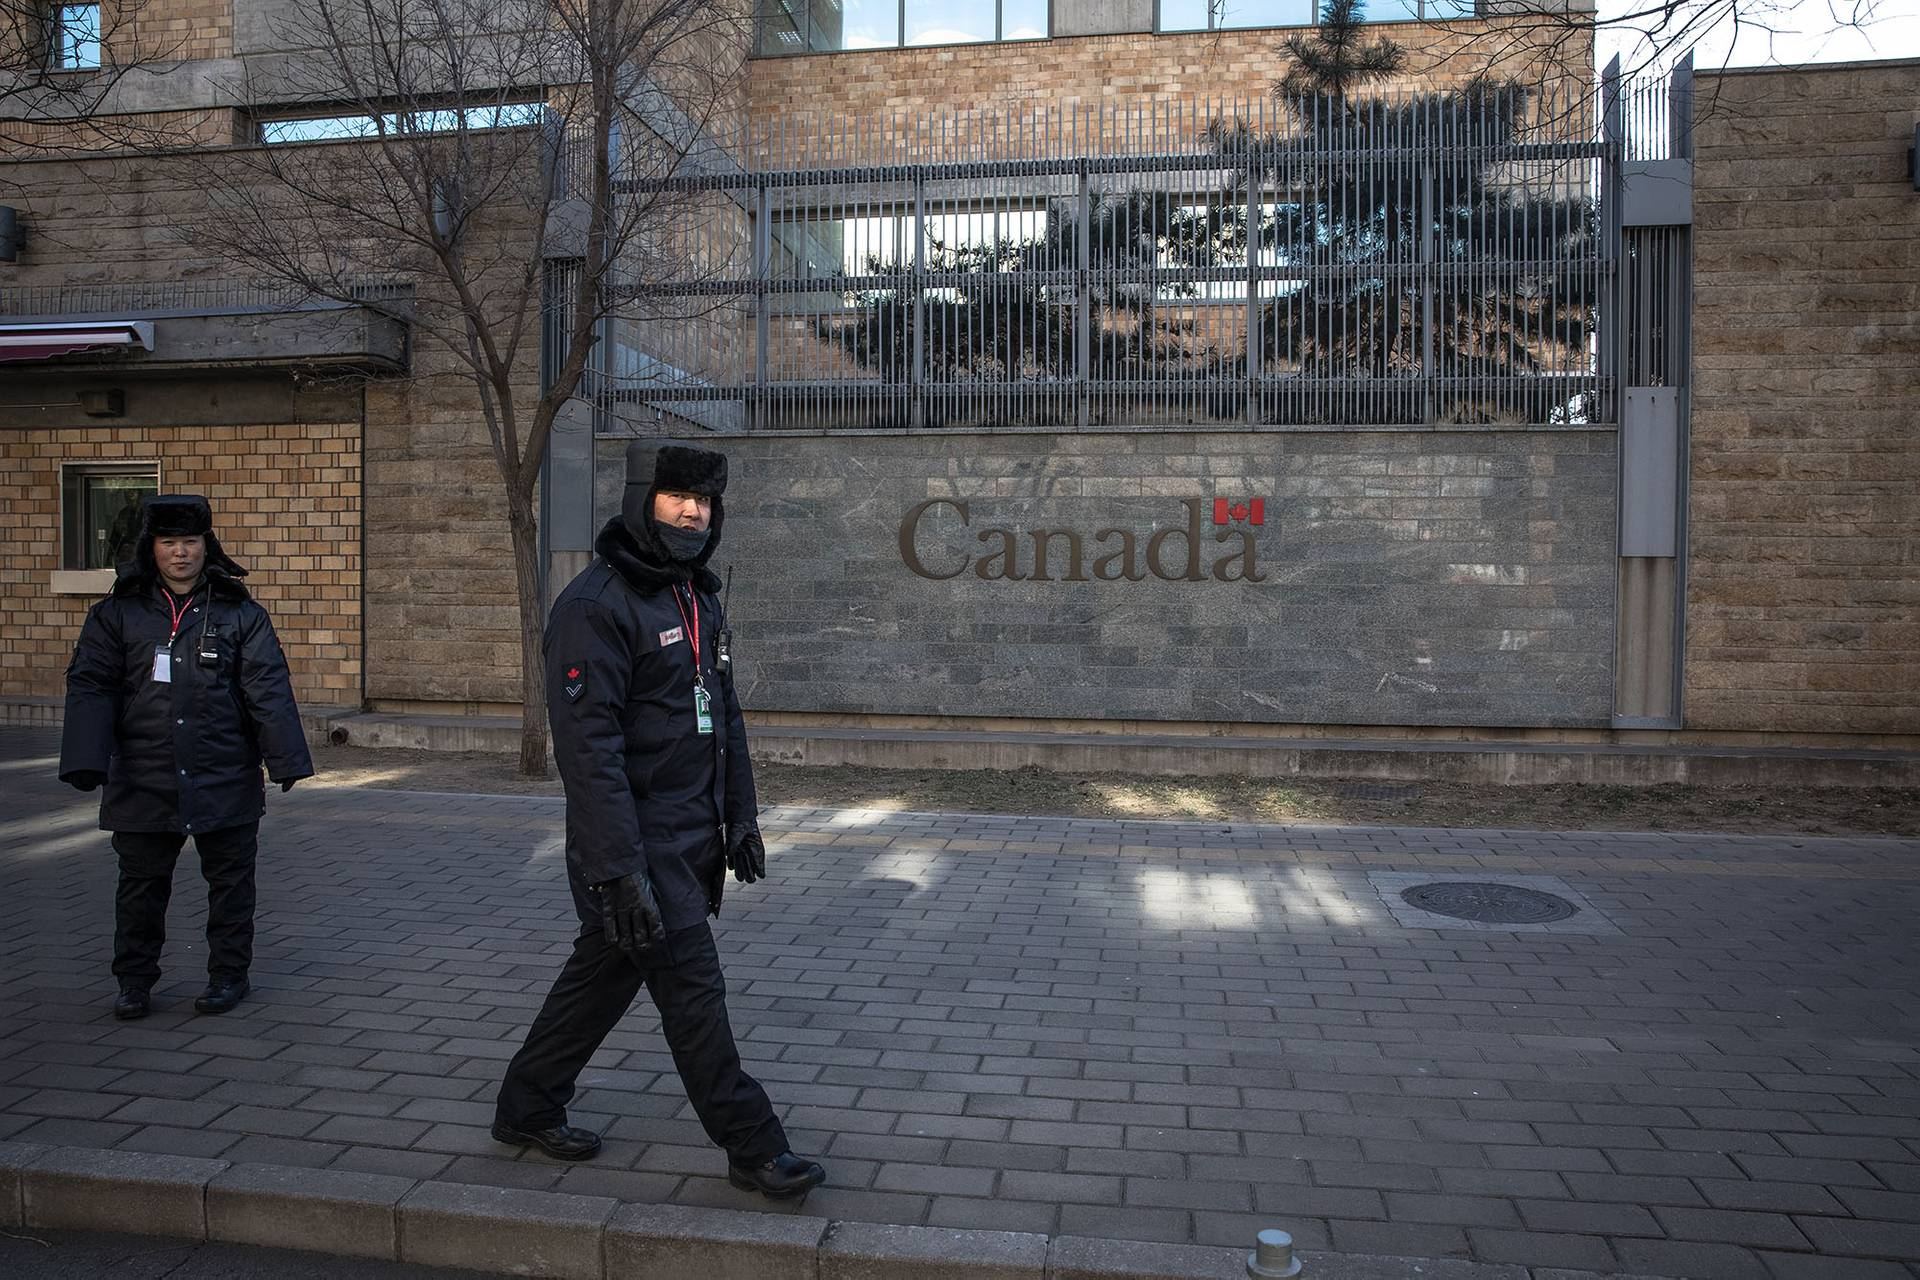 Китайські охоронці біля посольства Канади в Пекіні, Китай, 15 січня 2019 року. Китайський суд виніс смертний вирок, замість 15 років ув'язнення, одному із канадійців, яких раніше звинуватили у контрабанді наркотиків. Це рішення суд міста Далянь прийняв після того, як розгорівся дипломатичний конфлікт між Канадою і Китаєм, а канадські правоохоронці на початку січня заарештували, на прохання США, дочку засновника китайської компанії Huawei, фінансову директорку Мен Ванчжоу у Ванкувері